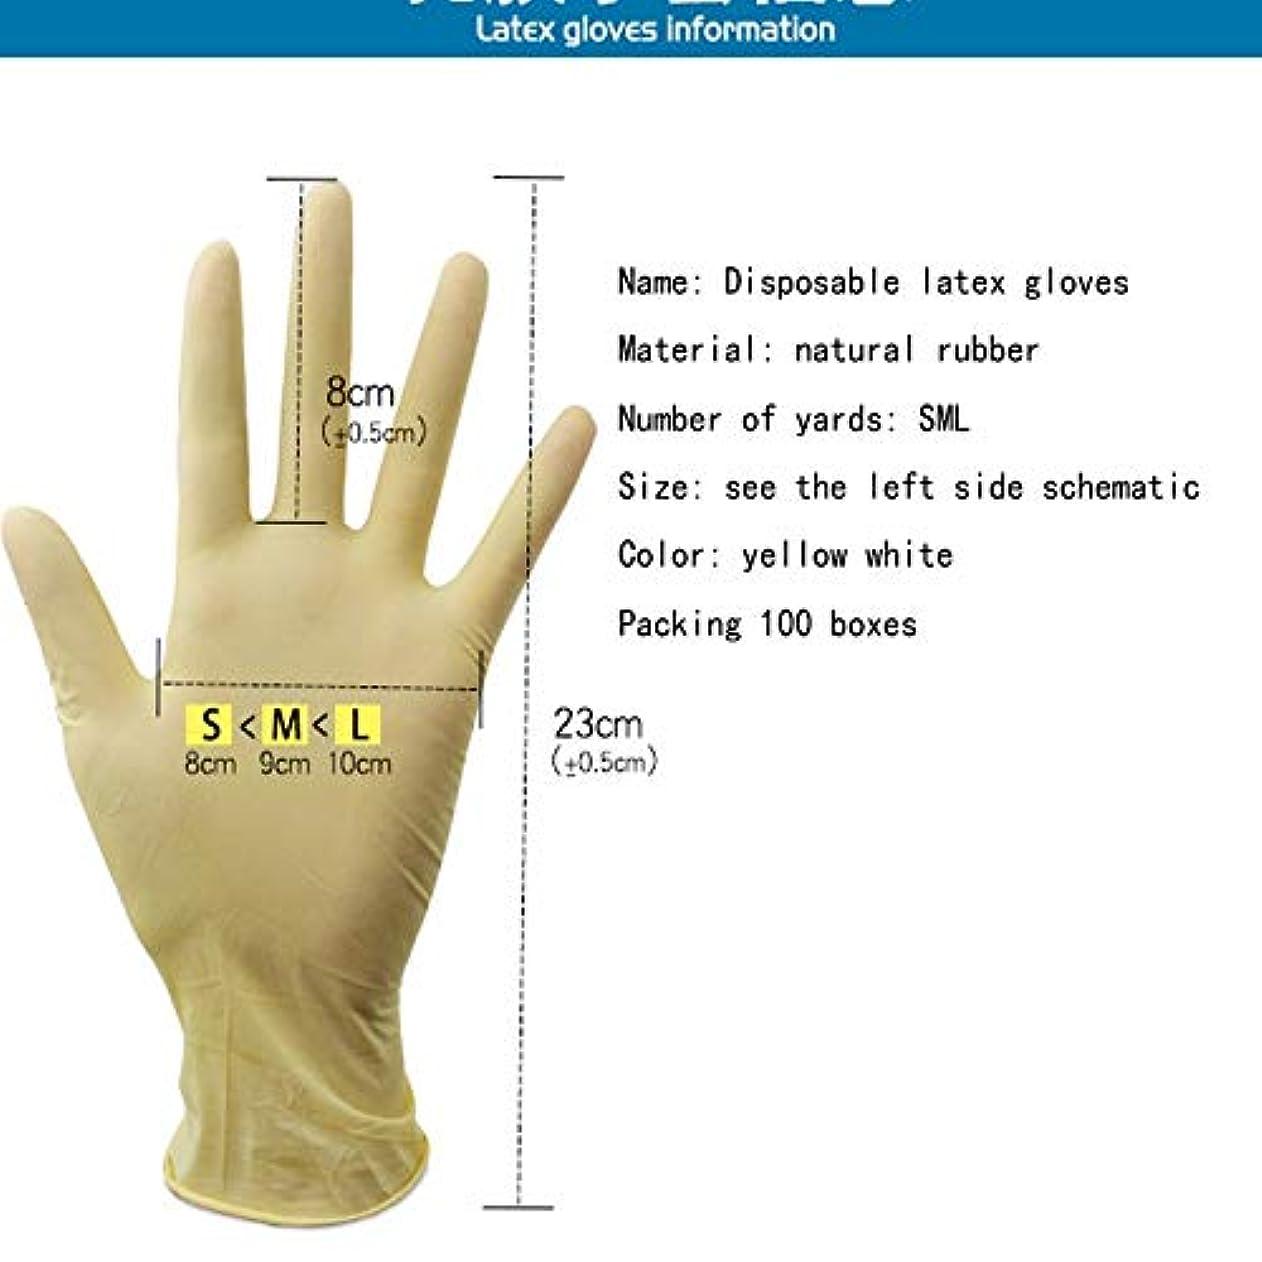 使い捨て手袋 - これらの使い捨て食品準備手袋はまた台所クリーニング、プラスチックおよび透明のために使用することができます - 100部分ラテックス手袋 (Color : Beige)